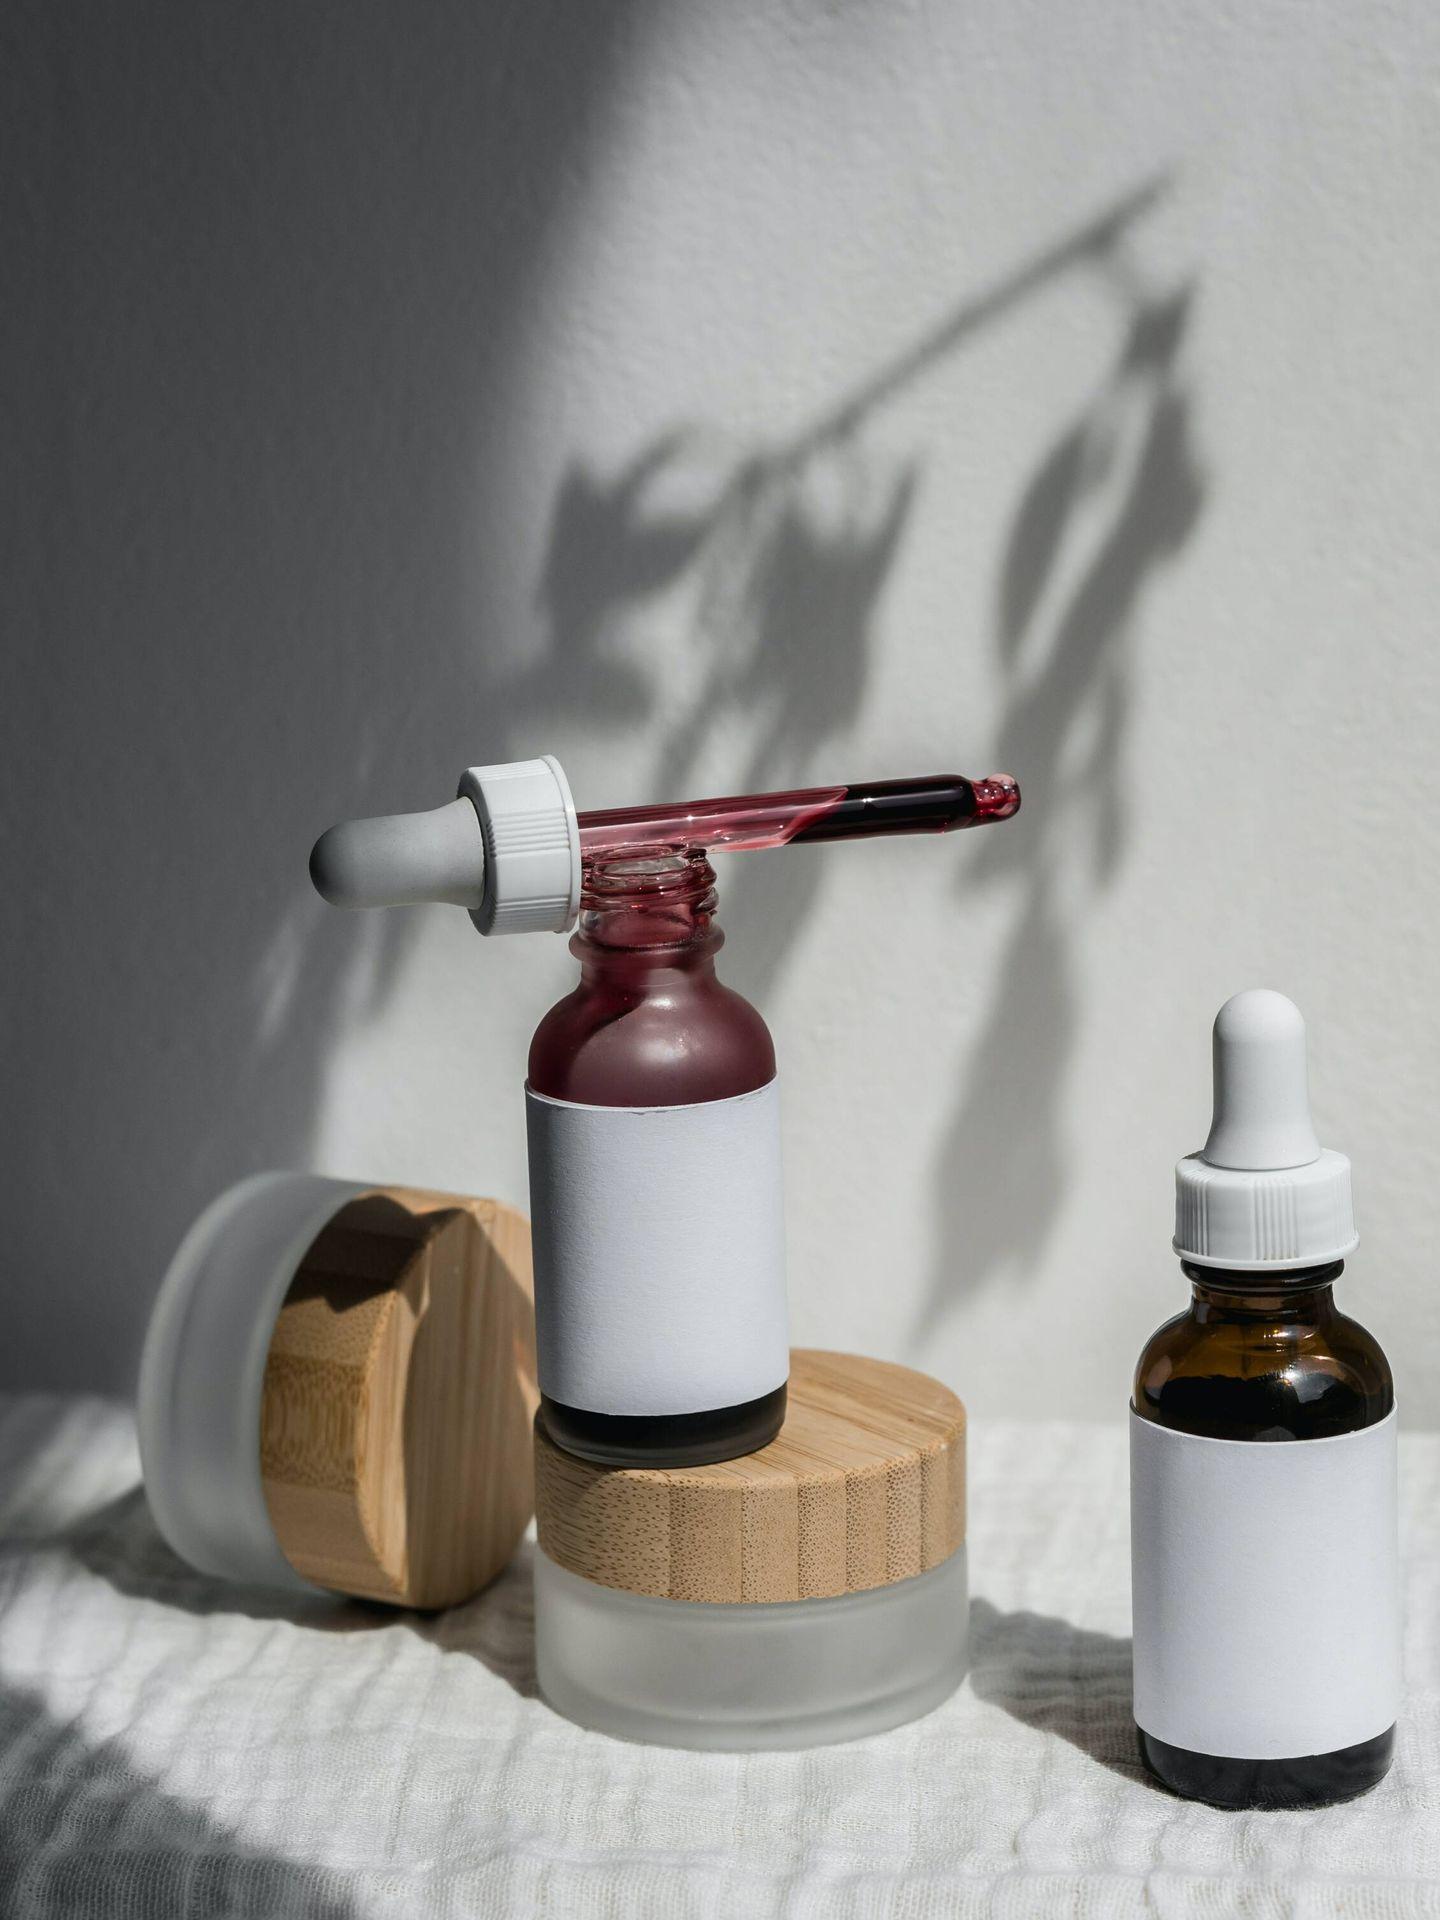 Los antioxidantes se han convertido en ingredientes imprescindibles en la cosmética. (Unsplash)